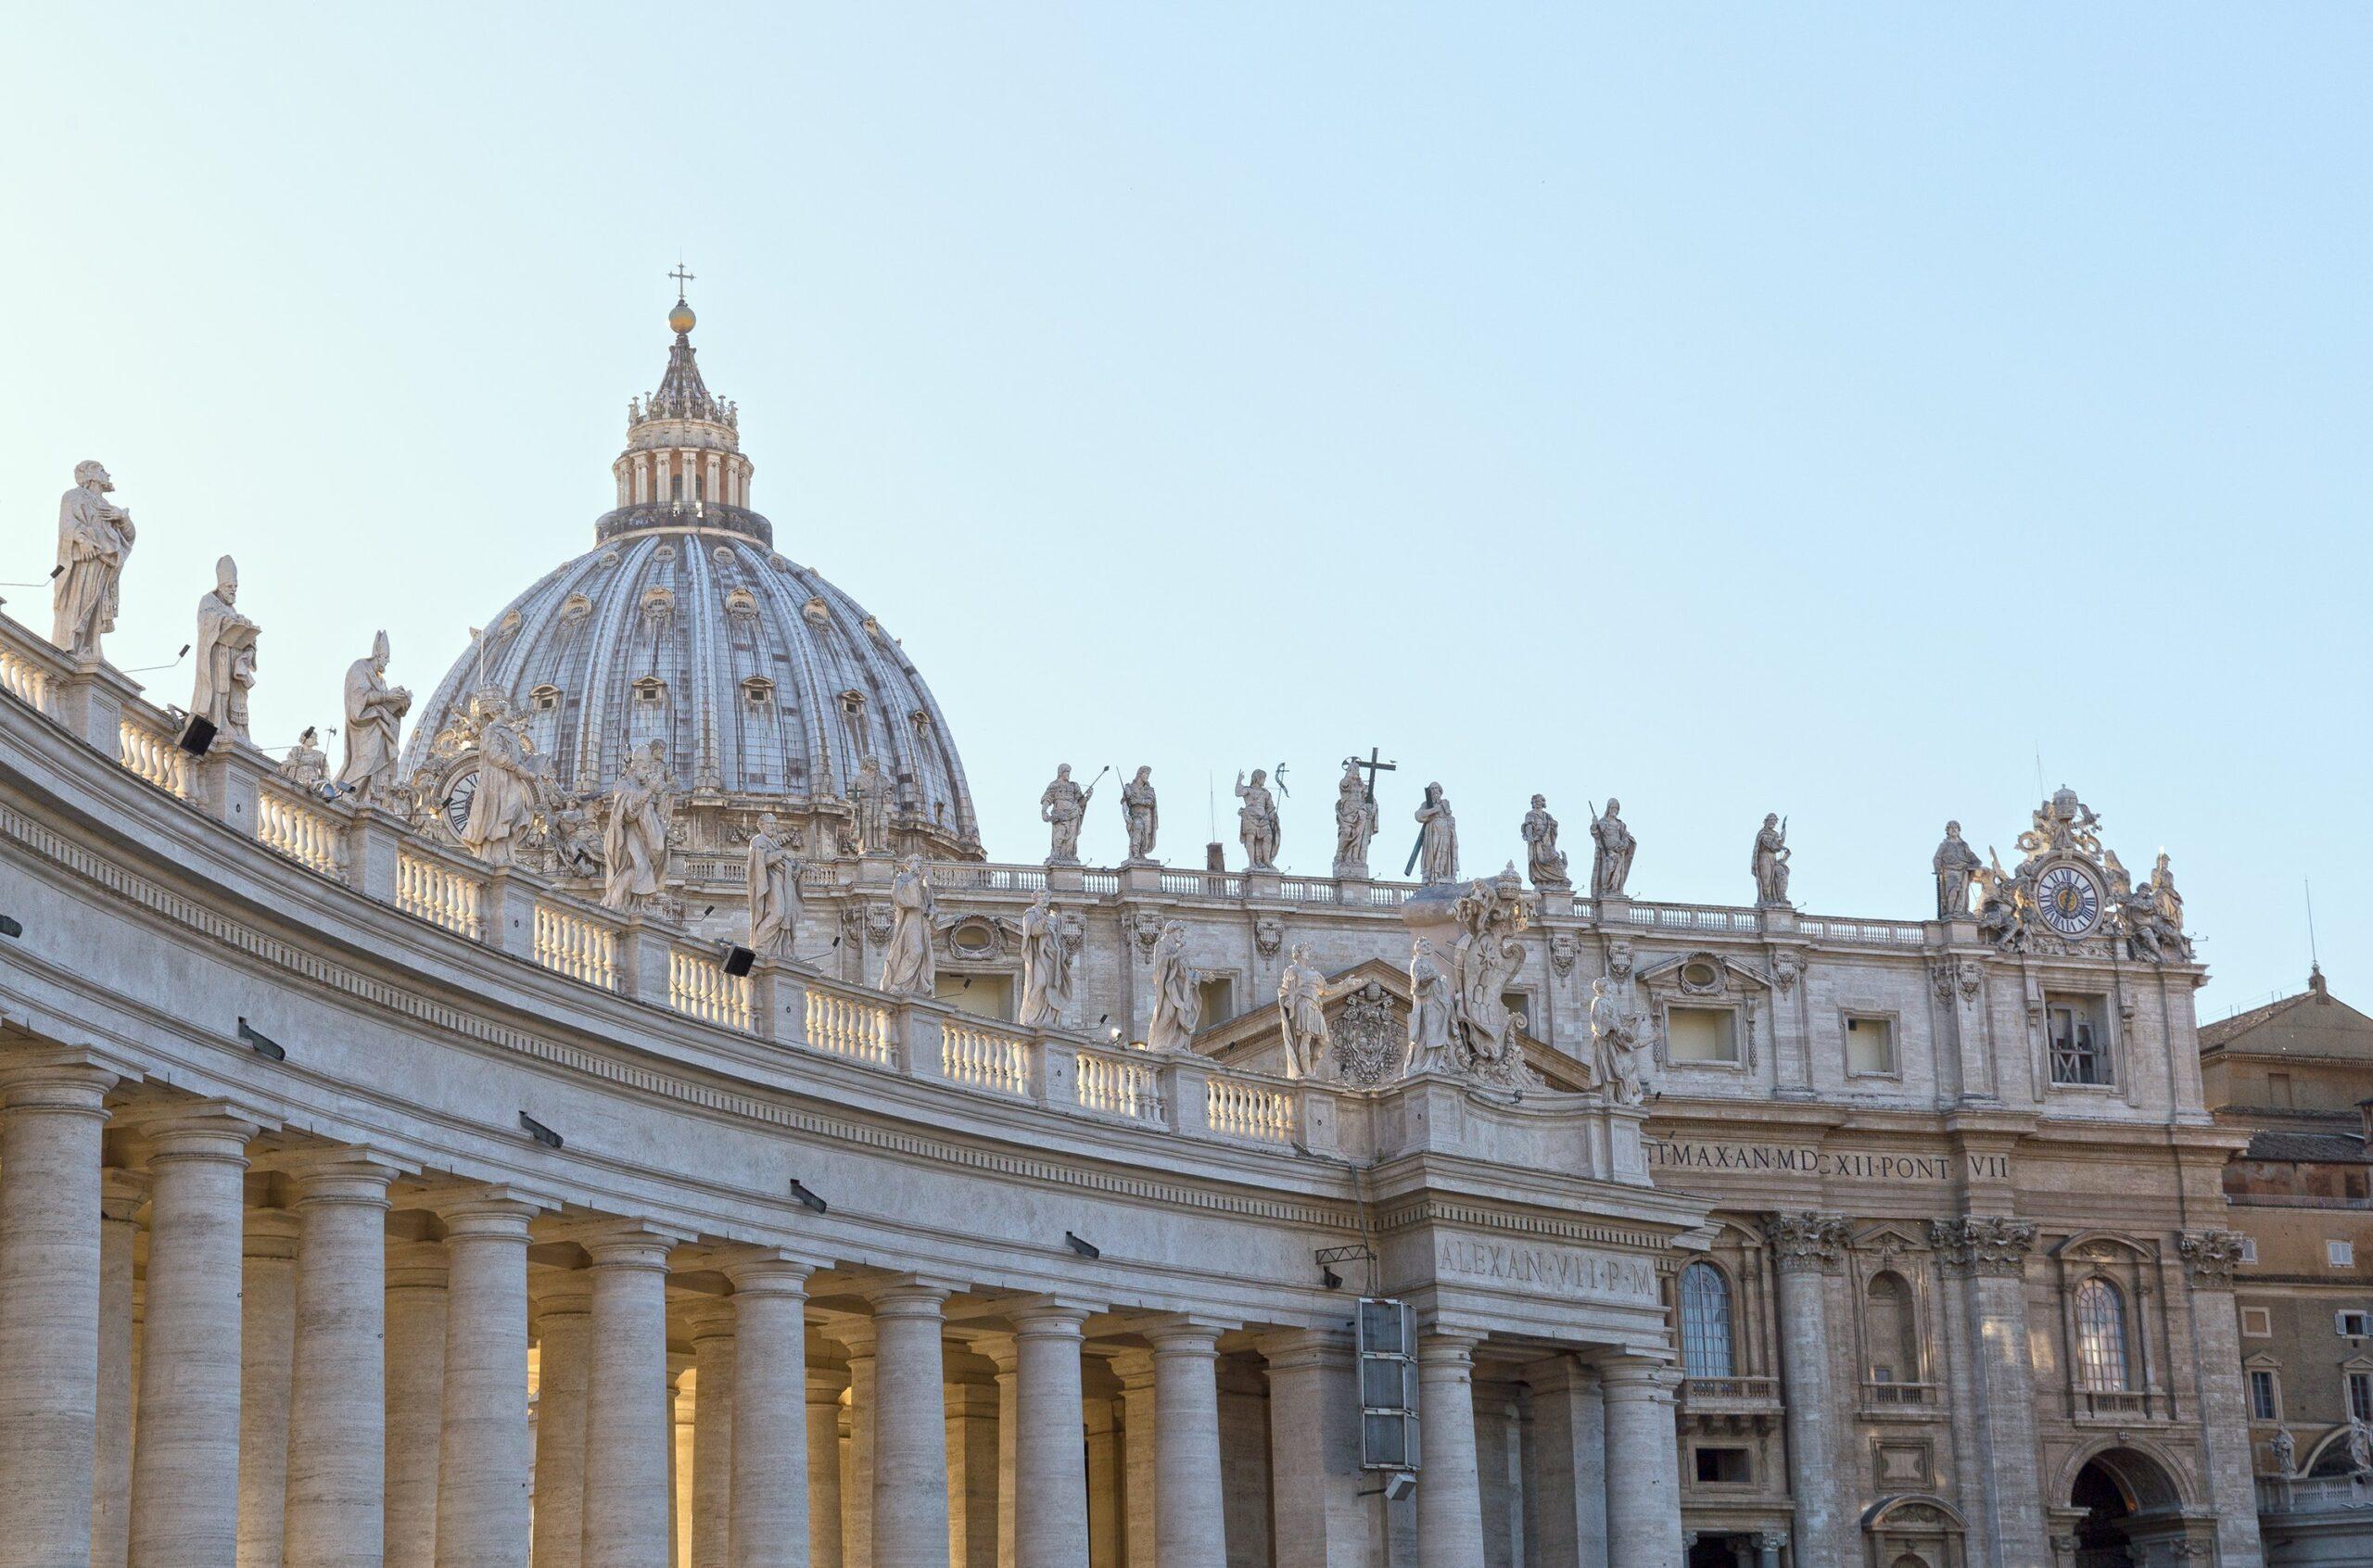 St. Peter's Dome Climb, Basilica & Vatacombs Tour